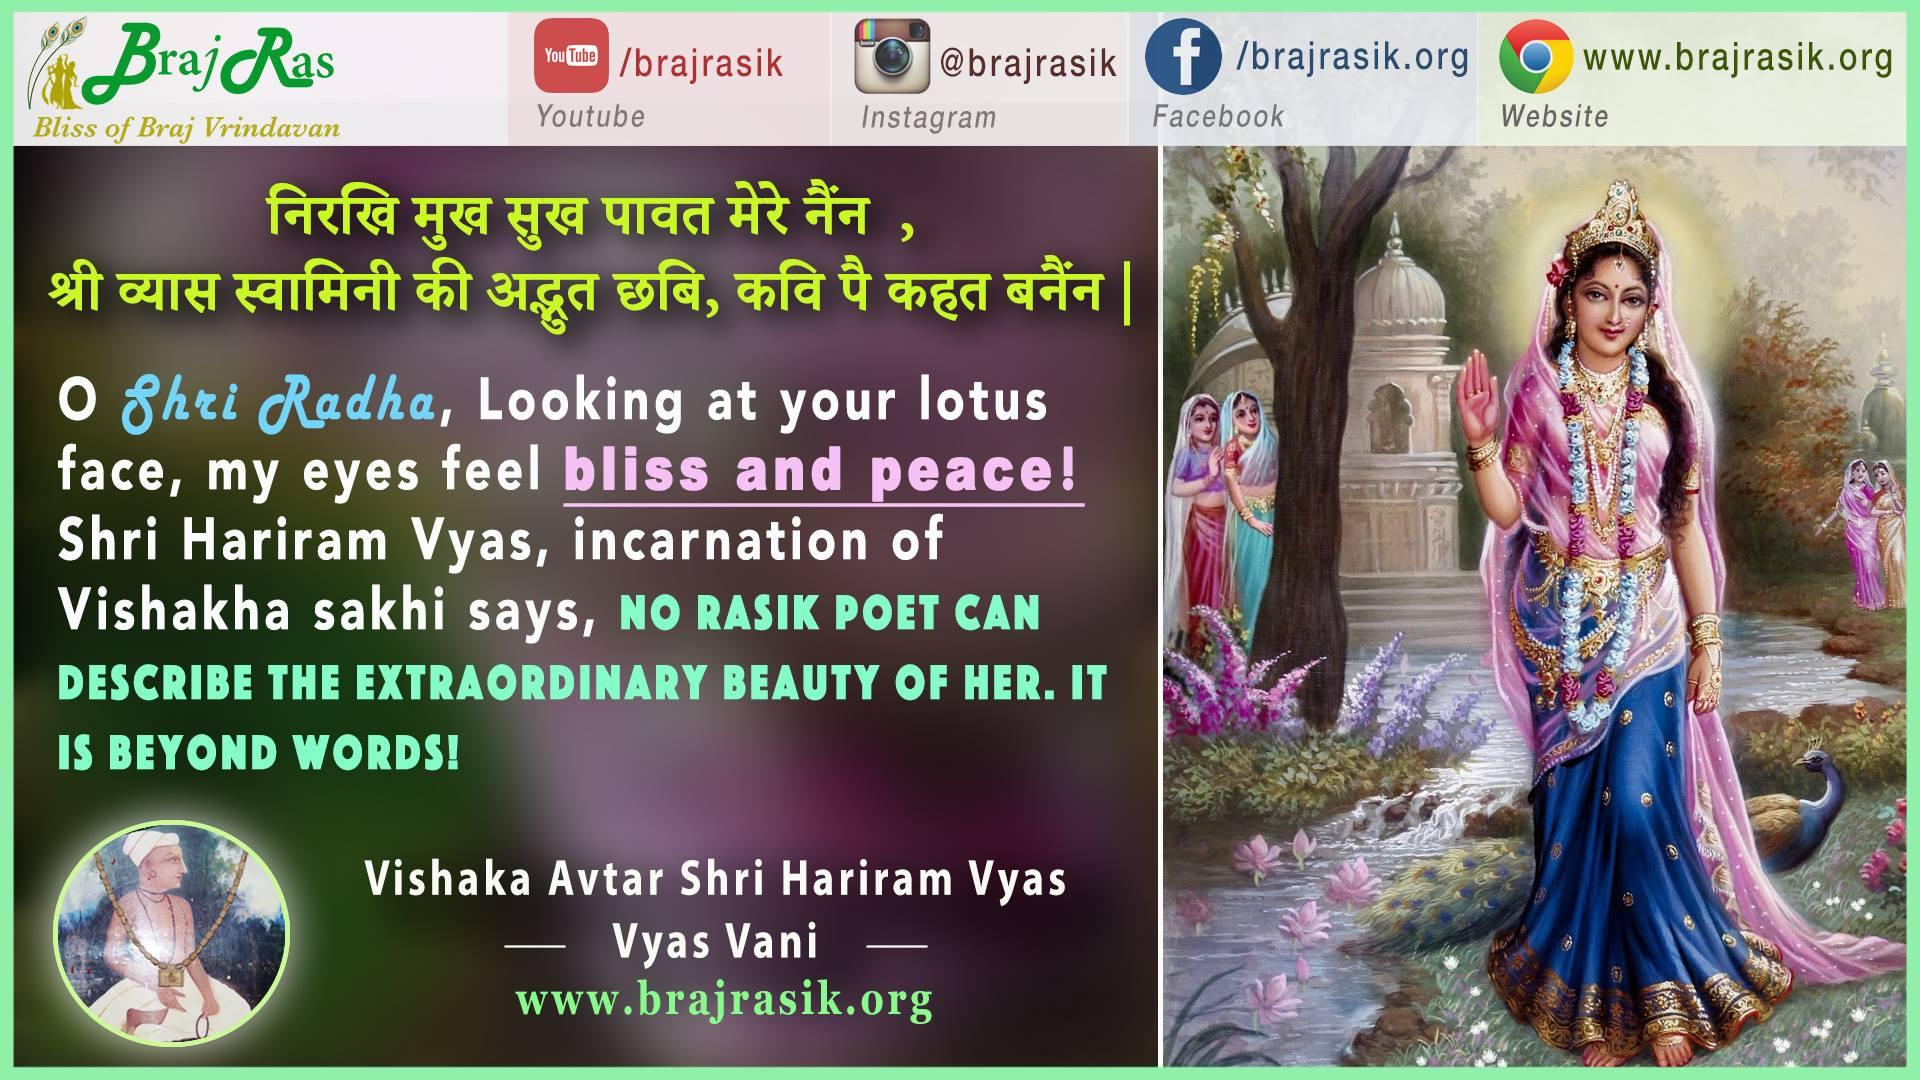 Nirakhi Mukh Sukh Pawat Mere Nain - Vishaka Avtar Shri Hariram Vyas, Vyas Vani